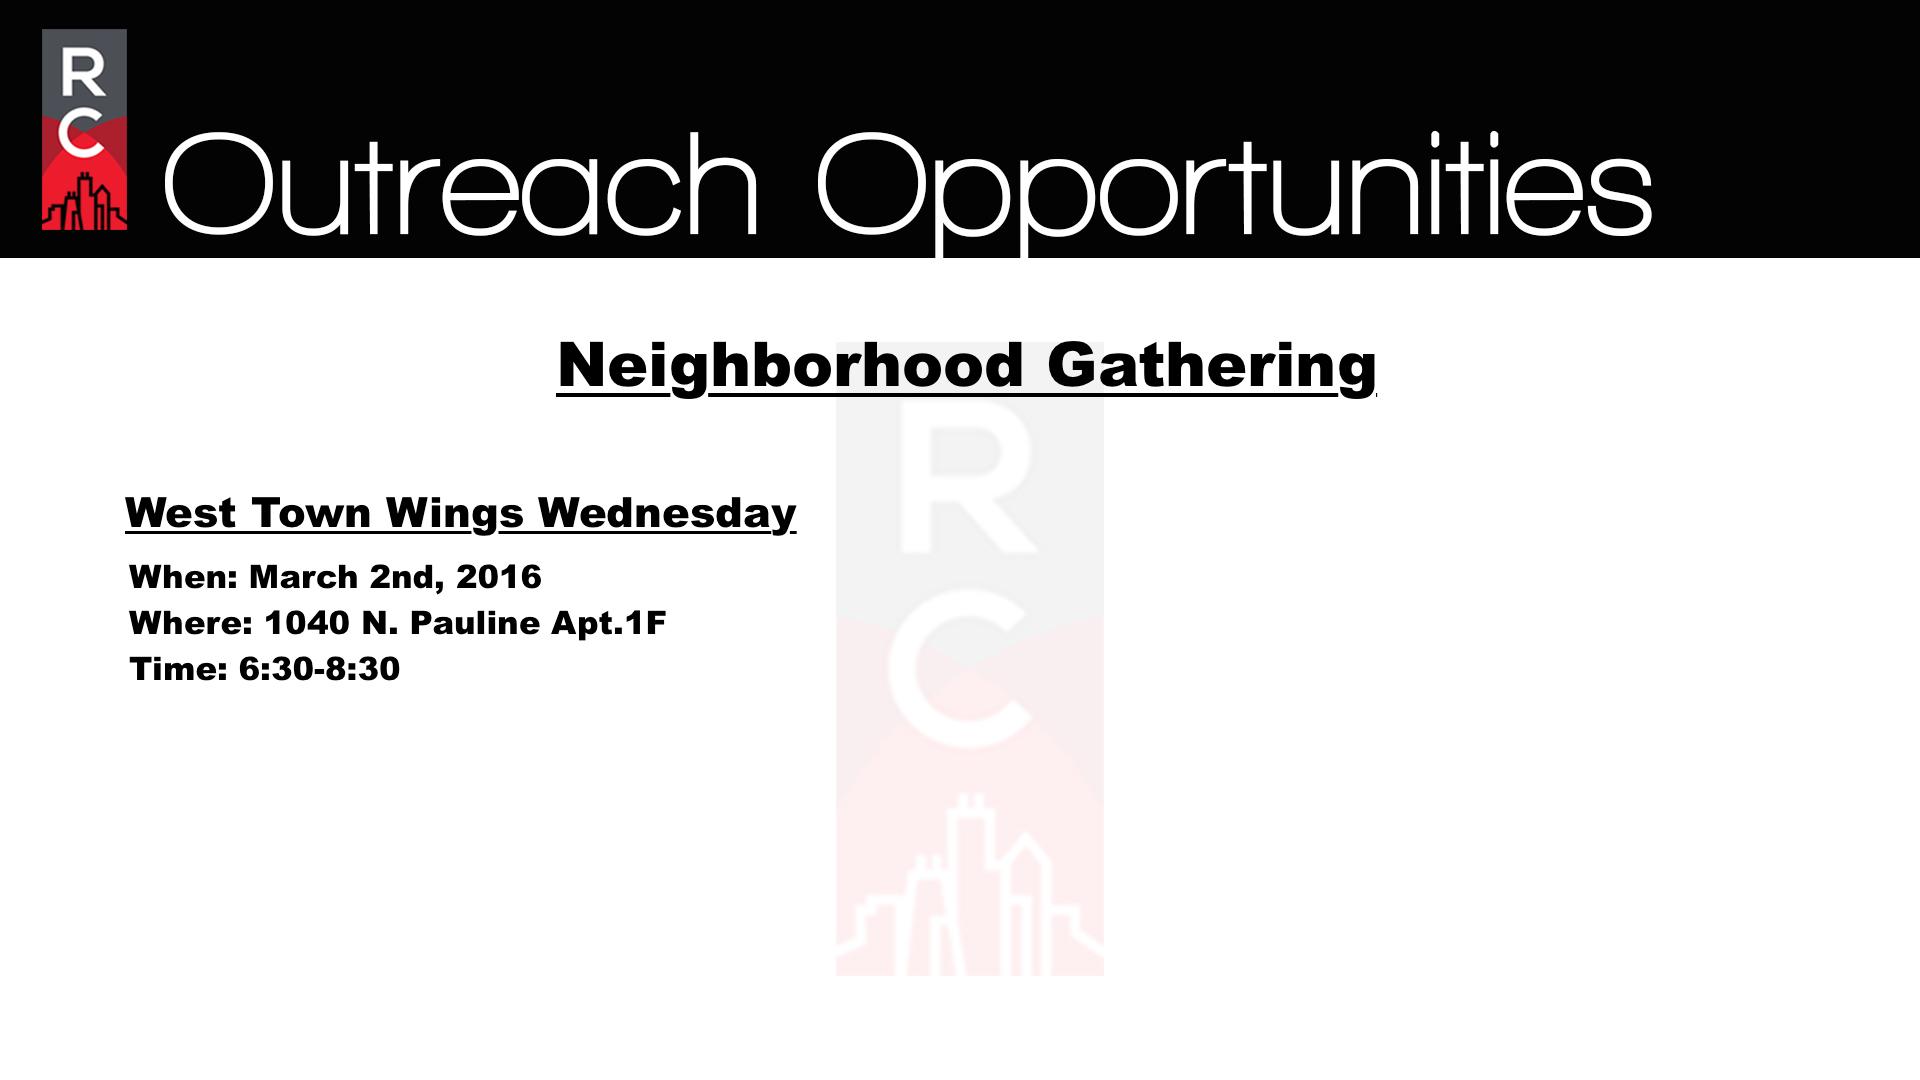 RCC Outreach opps-6 2.jpg